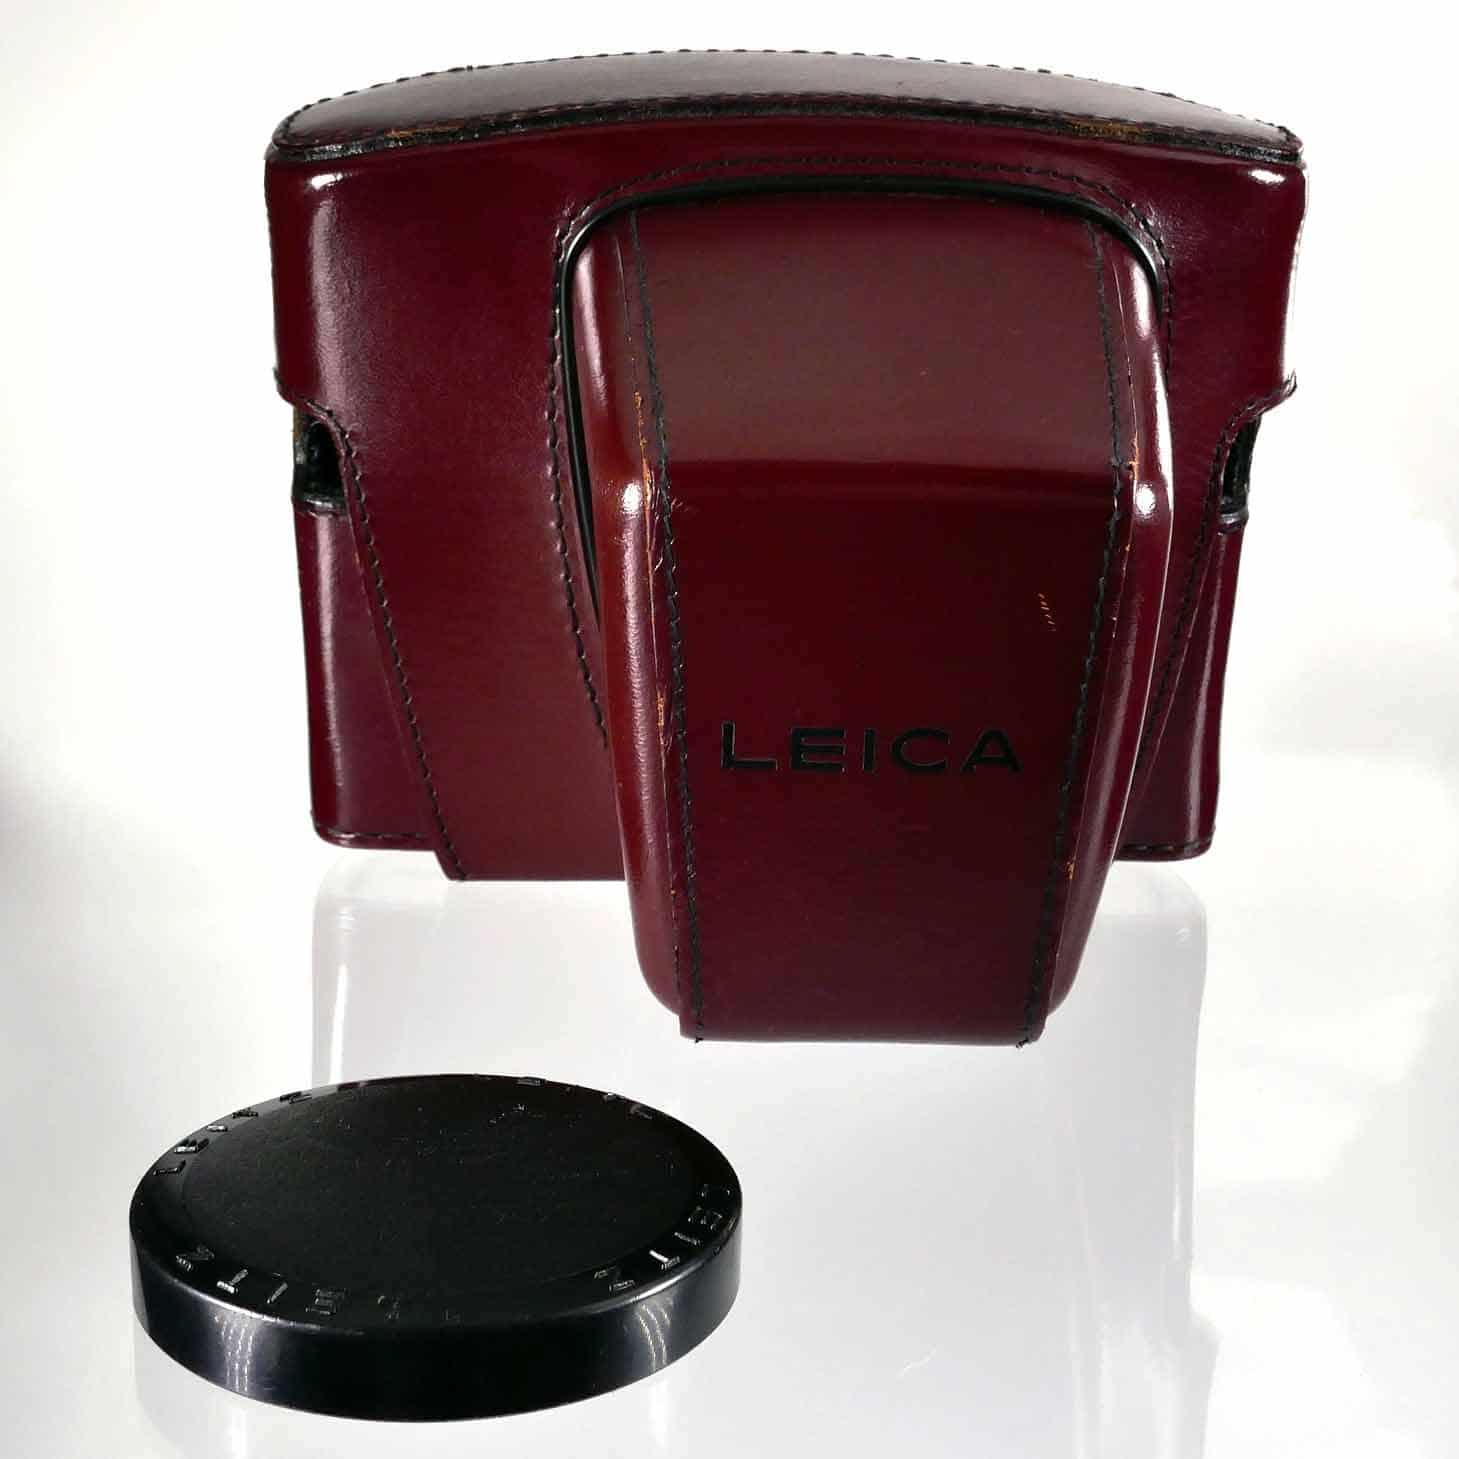 clean-cameras-Leica-R3-Summicron-50mm-10